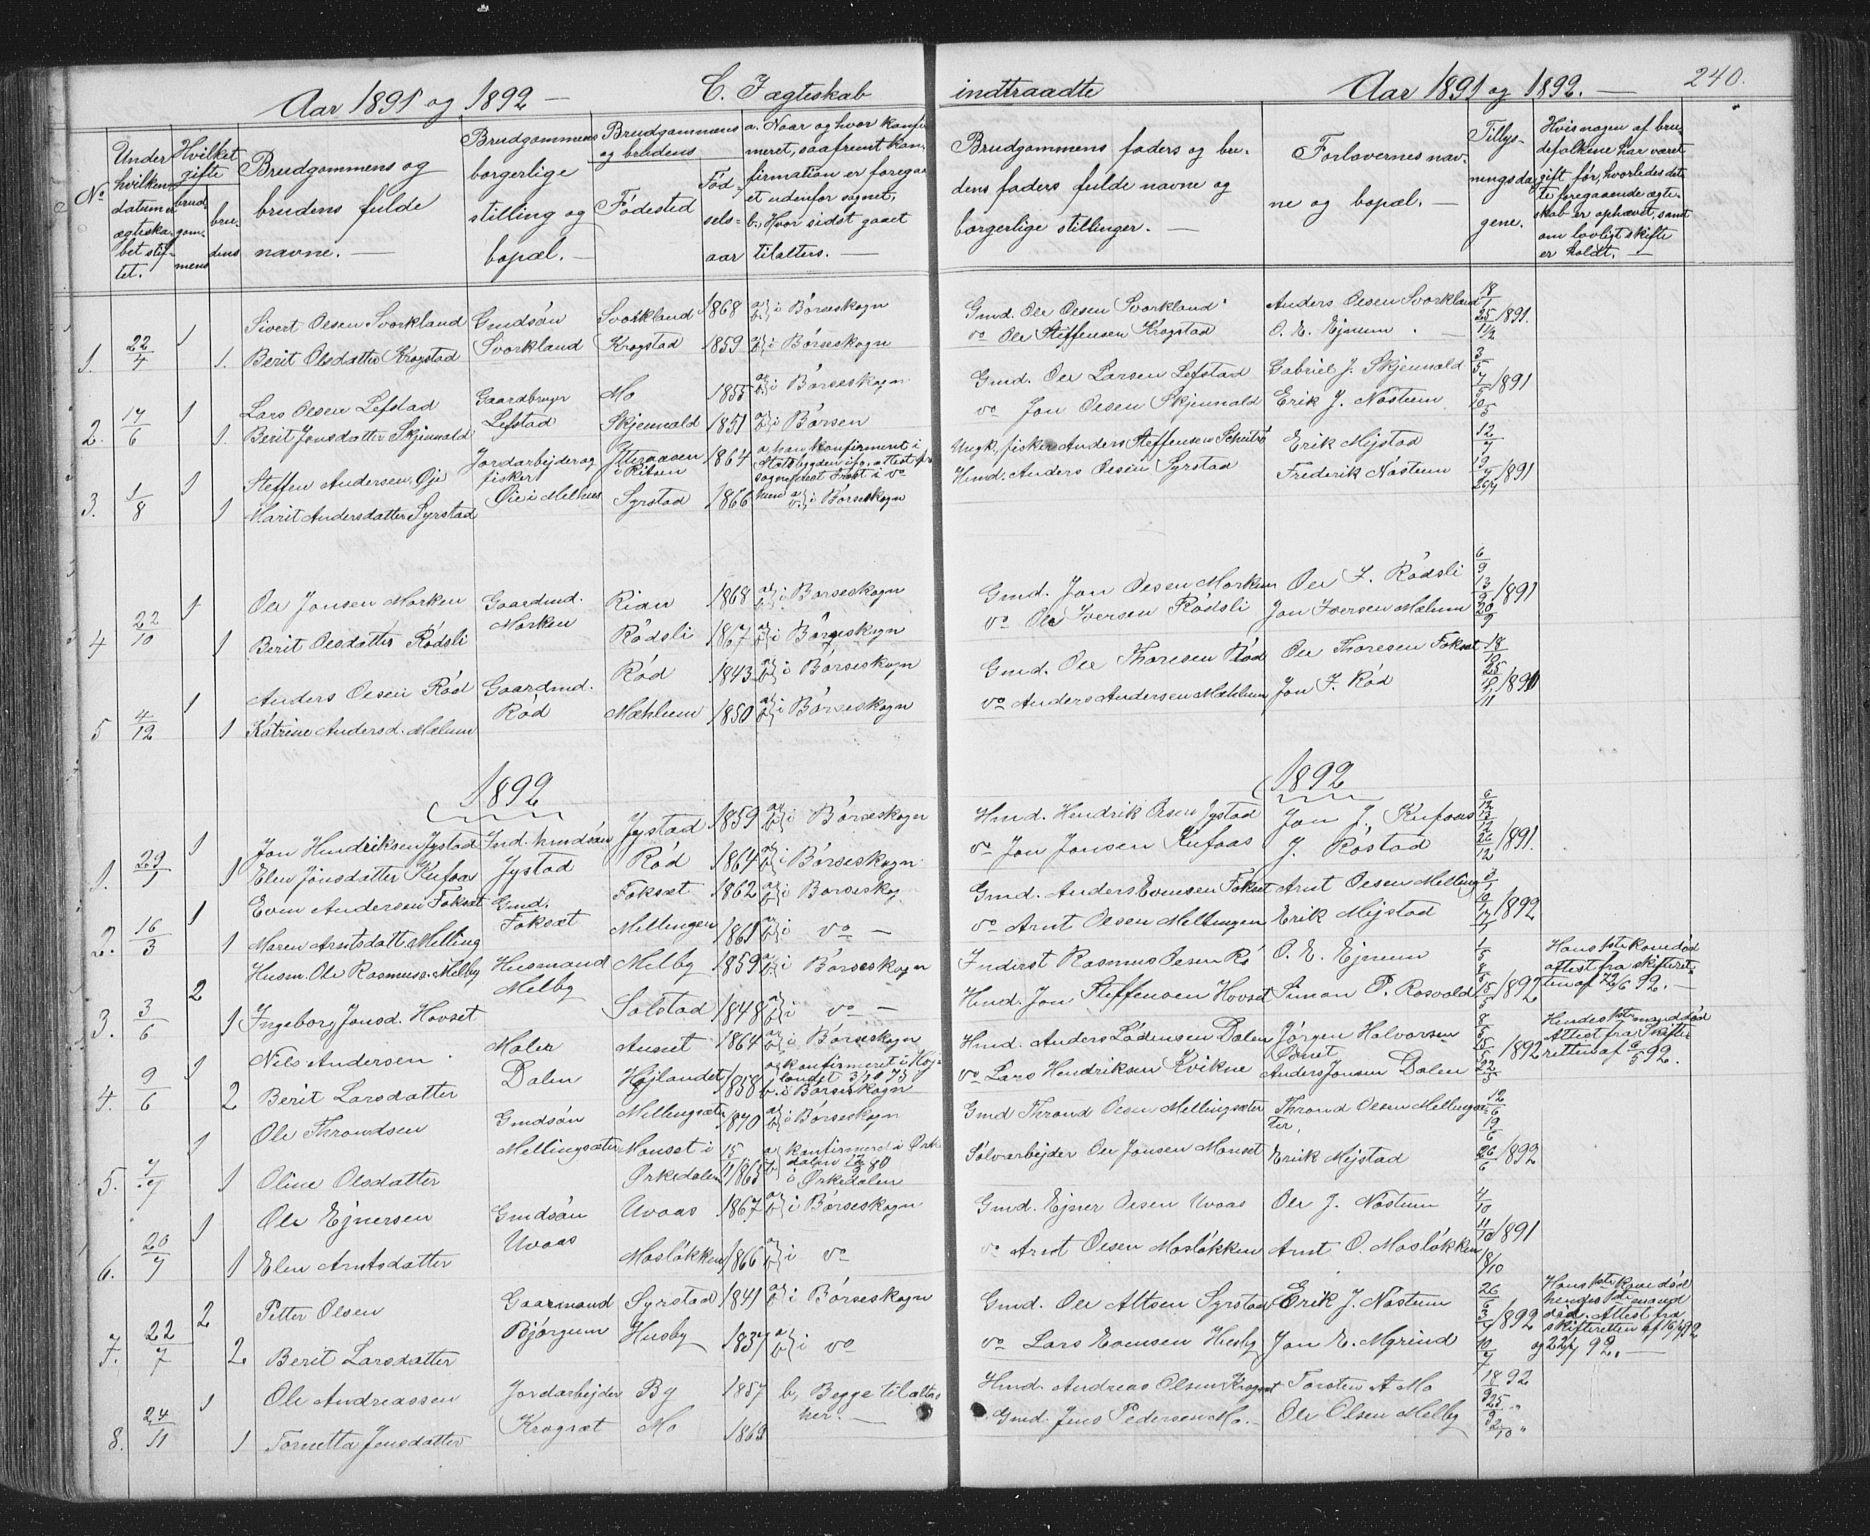 SAT, Ministerialprotokoller, klokkerbøker og fødselsregistre - Sør-Trøndelag, 667/L0798: Klokkerbok nr. 667C03, 1867-1929, s. 240